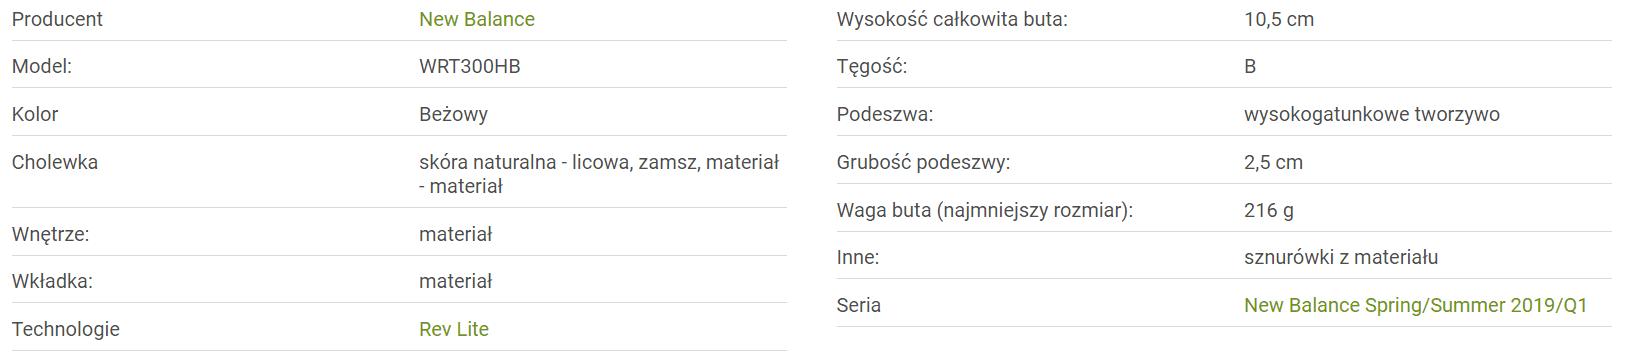 Opis produktu w sklepie internetowym